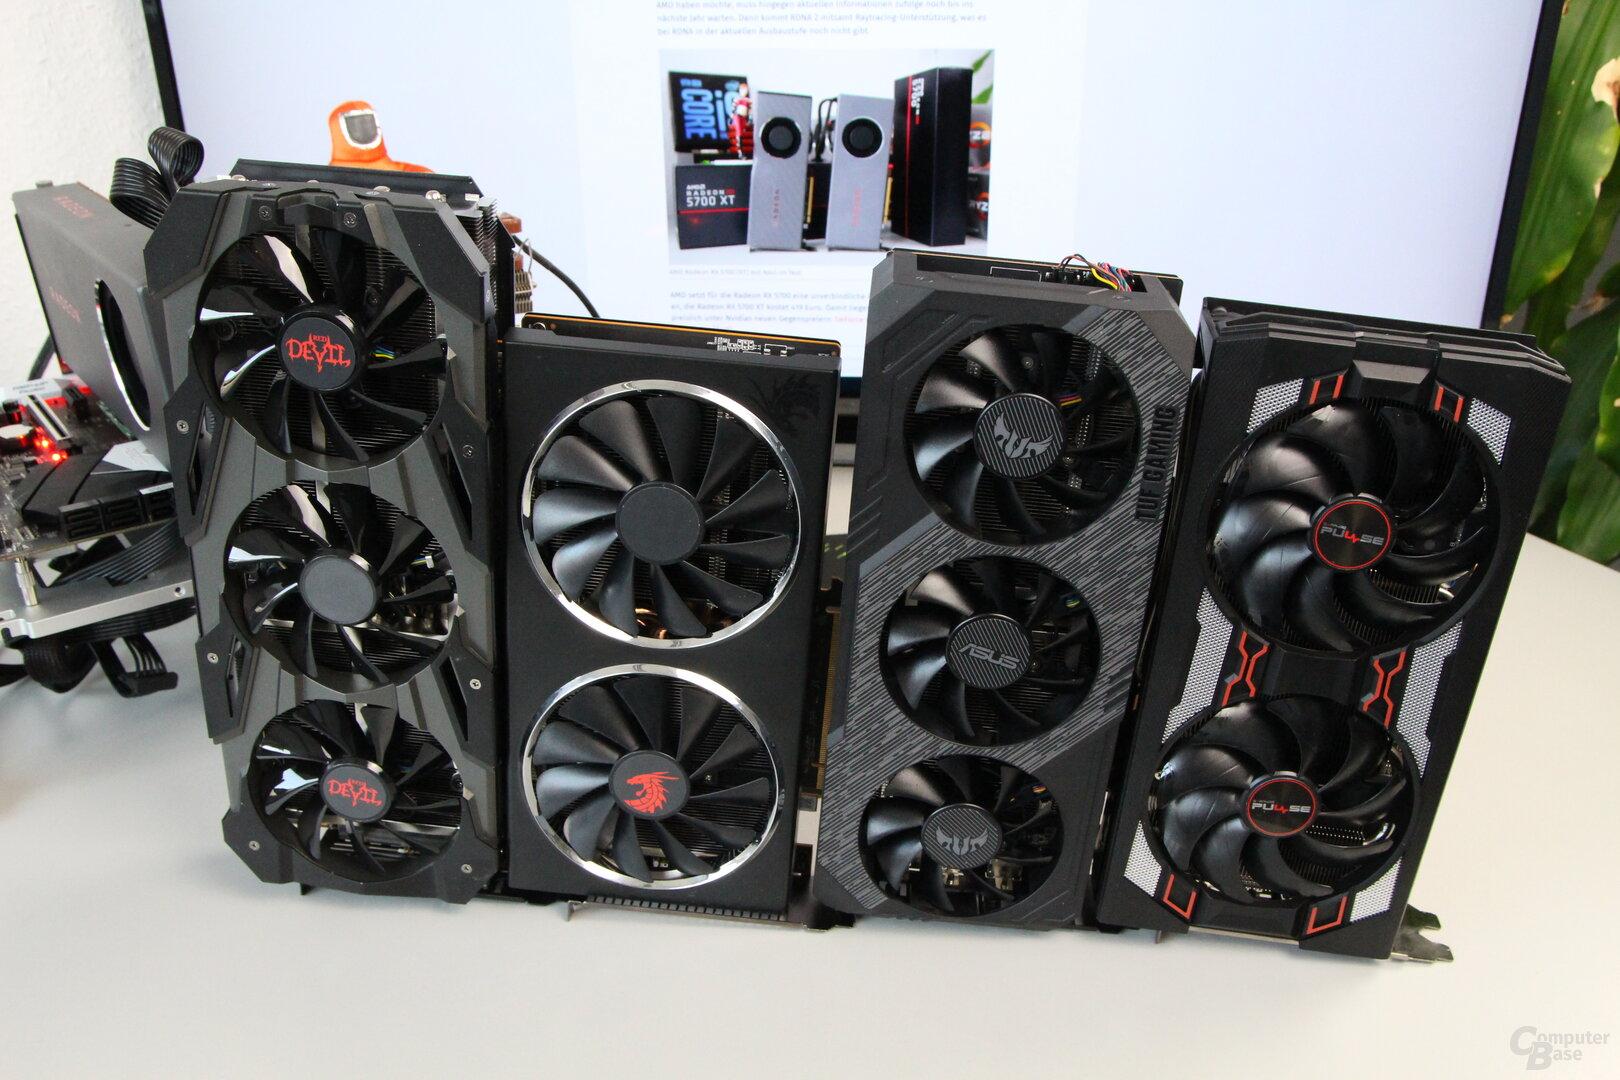 RX 5700 von PowerColor, Asus und Sapphire